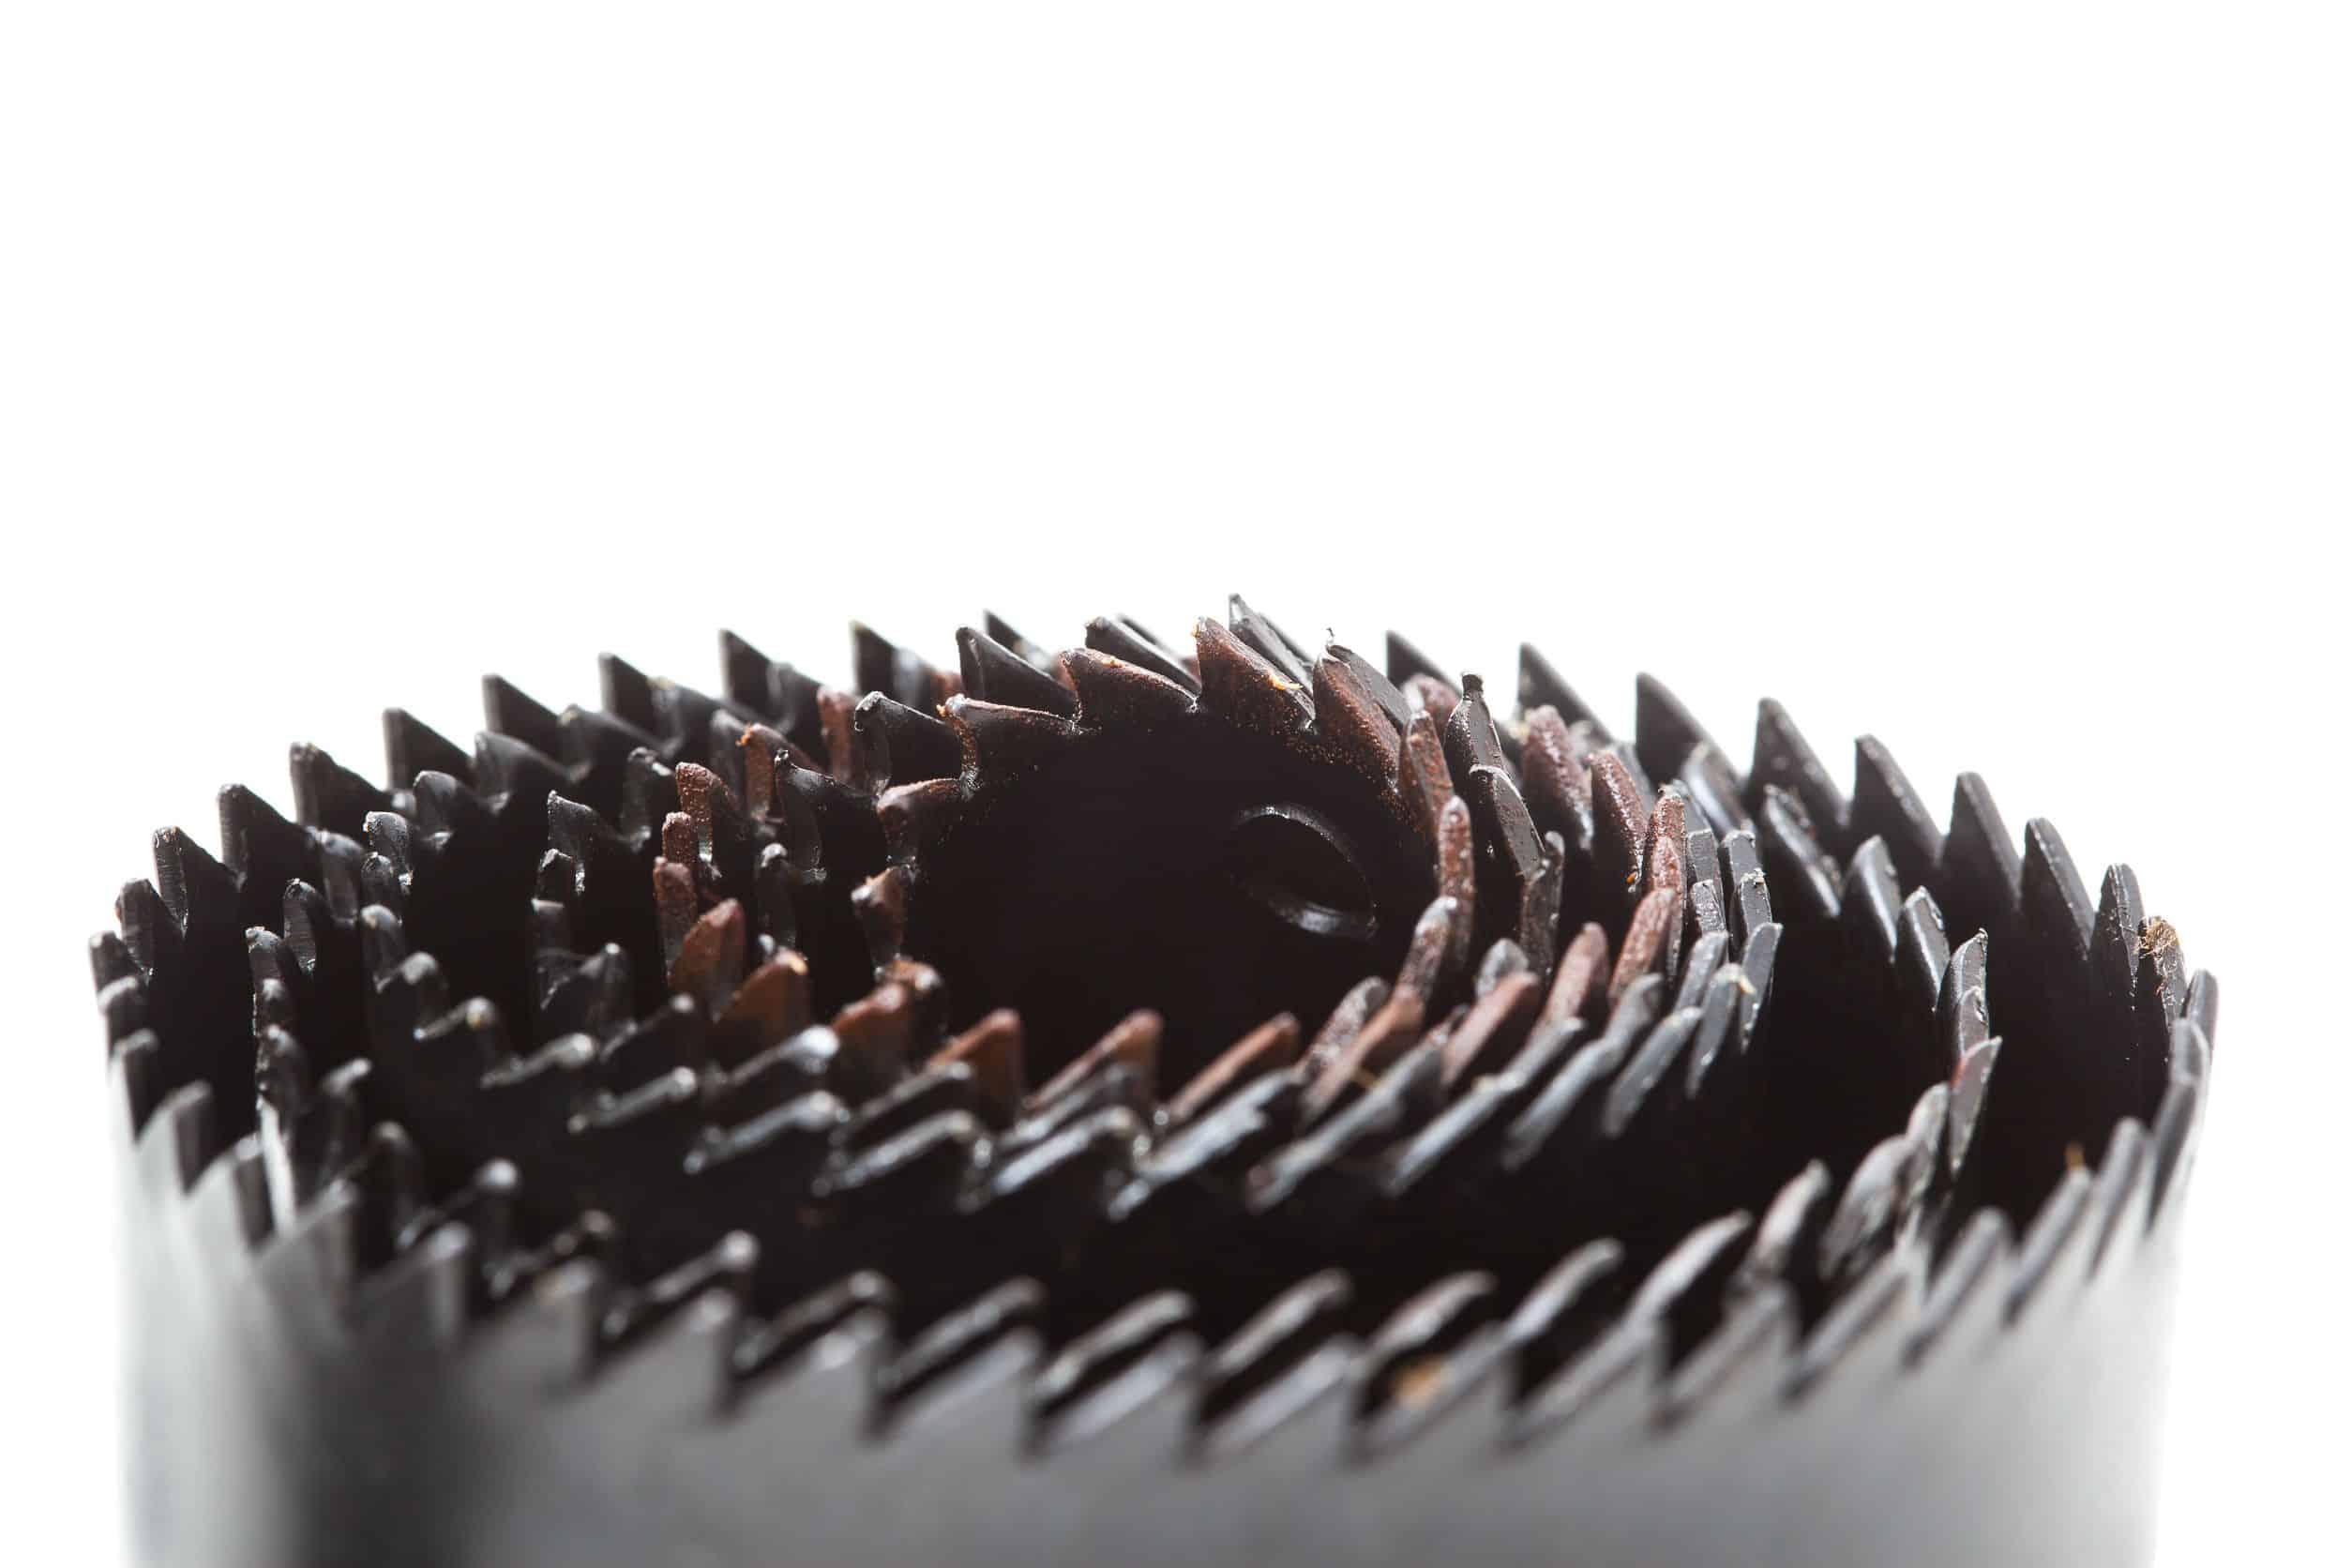 en Seco para Perforaci/ón en Vidrio Ceramica Baldosas M/ármol Granito Chapa de Yeso y de PVC 8 Piezas 6-50mm Brocas Diamante de Acero Brocas de Corte para Azulejos en H/úmedo